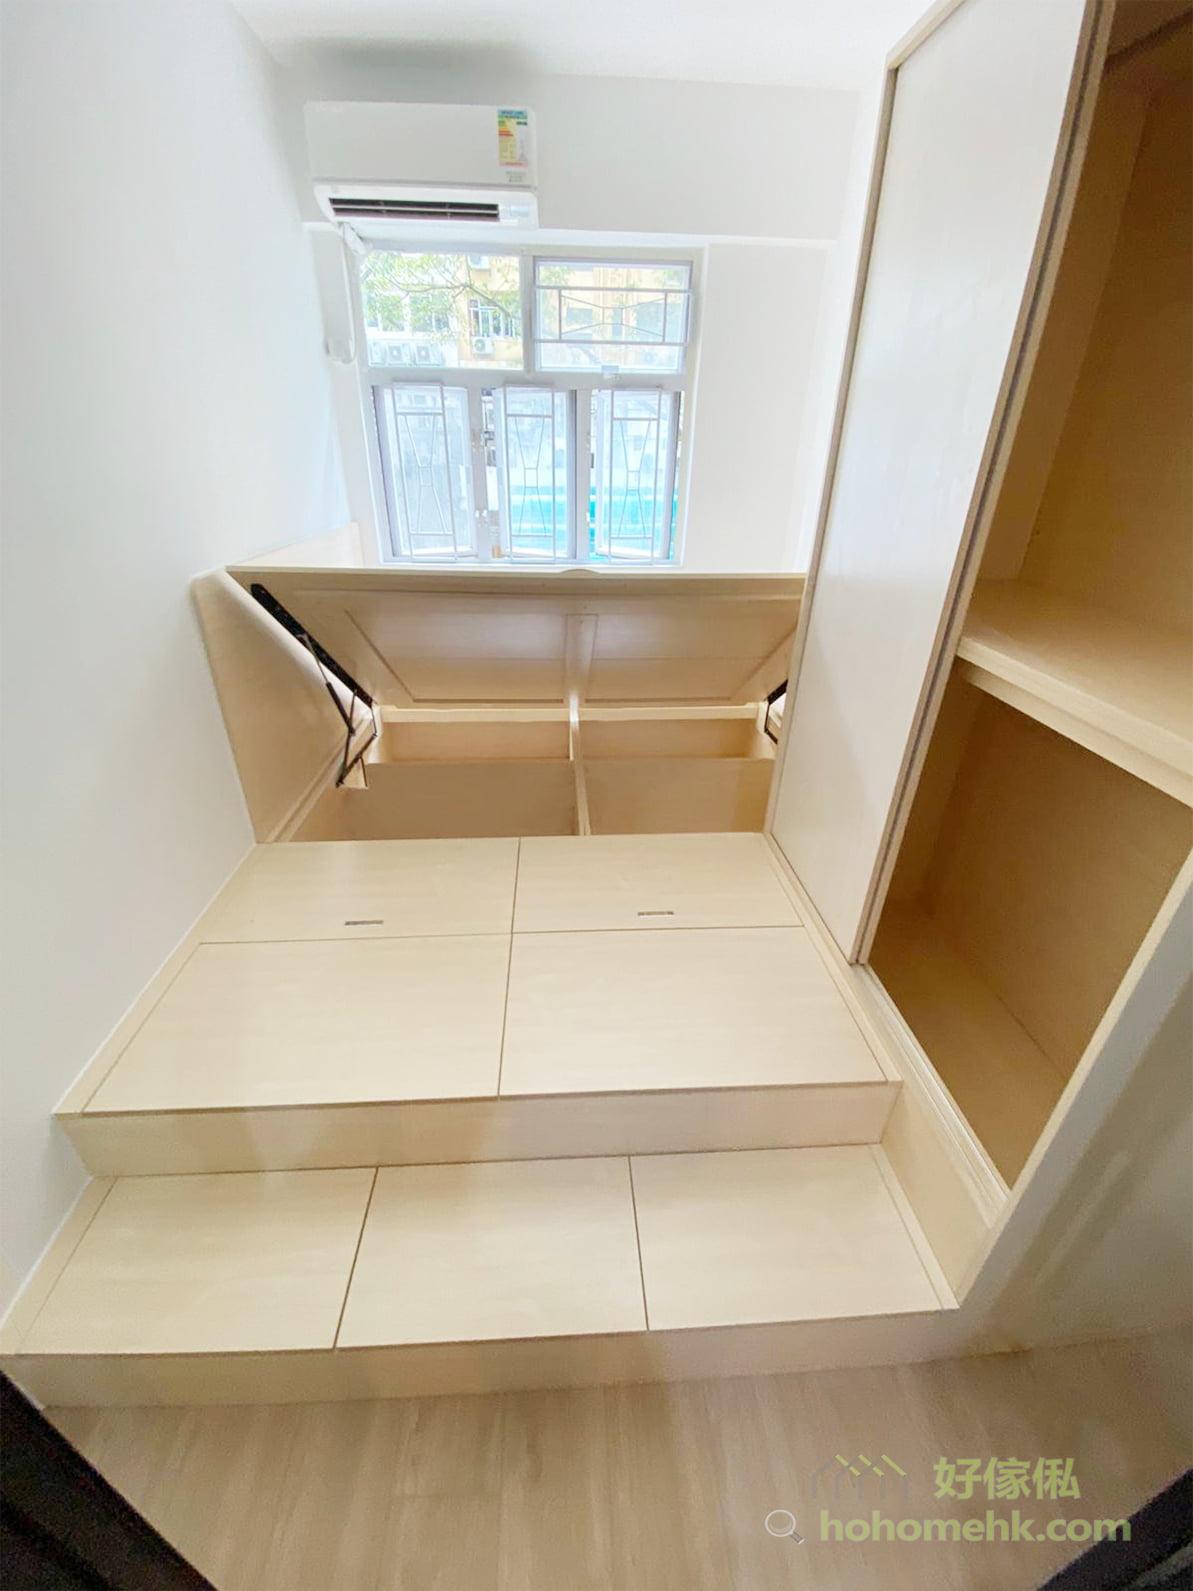 無印風代表著日式的簡樸精神,故不需要華麗造型的傢俬,以簡單實用、淺木色款式為主,形狀、線條都是直線比較好